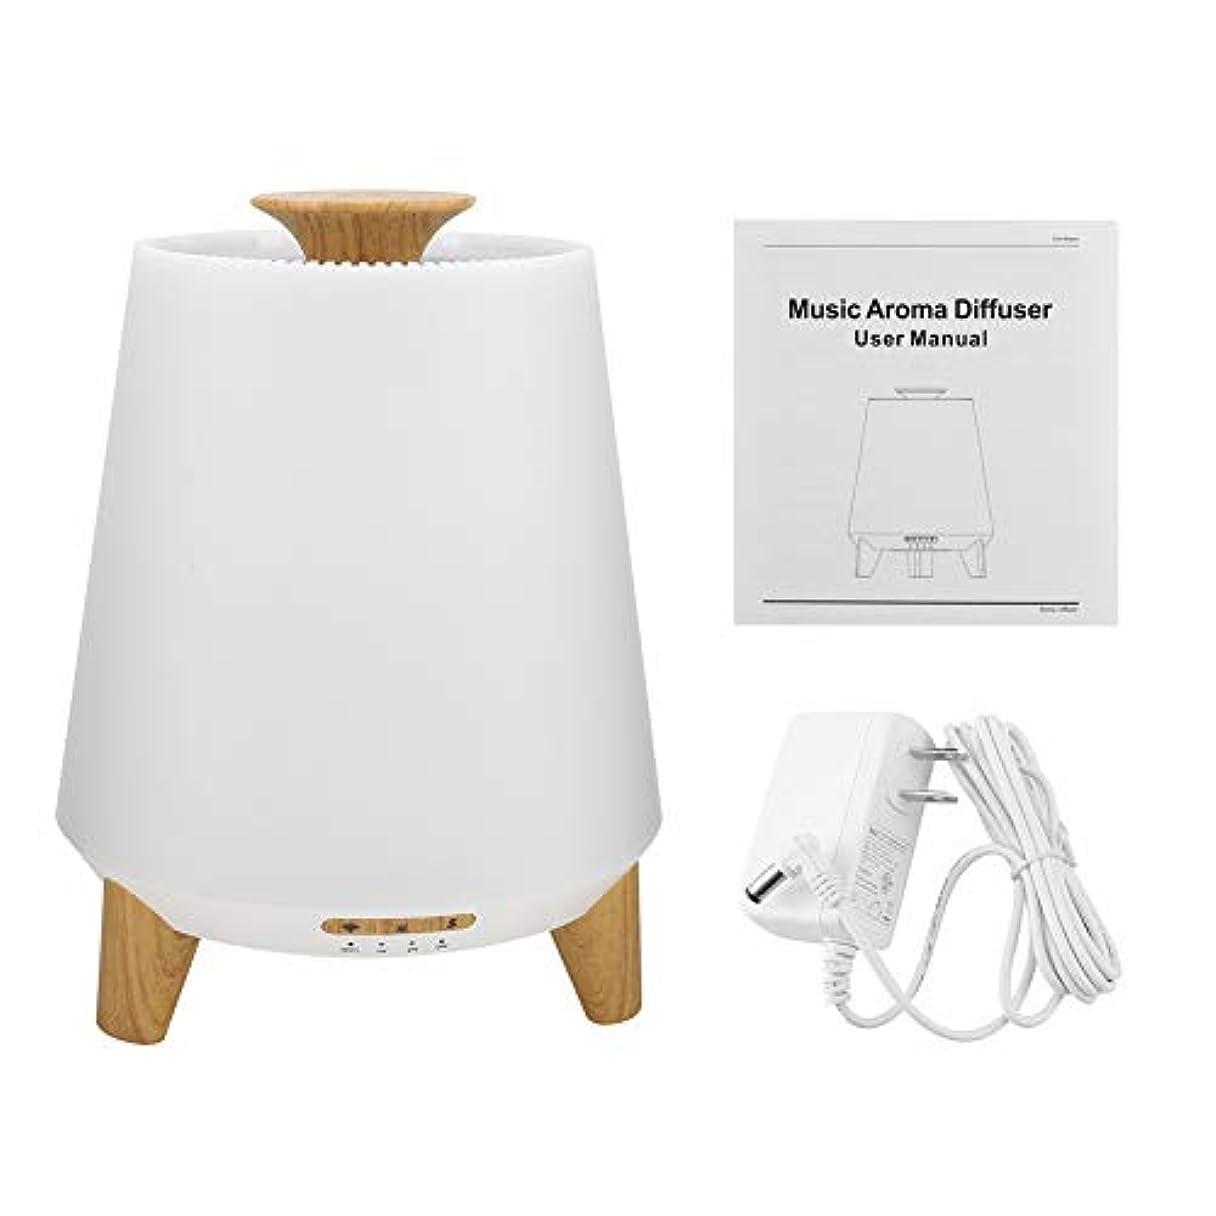 光の批判する一見加湿器 アロマディフューザー 音楽プレーヤー 3 in 1 7色LEDライト クールミスト WIFI スマート 超音波 アロマ エッセンシャルオイル 互換性用 300ml(#1)